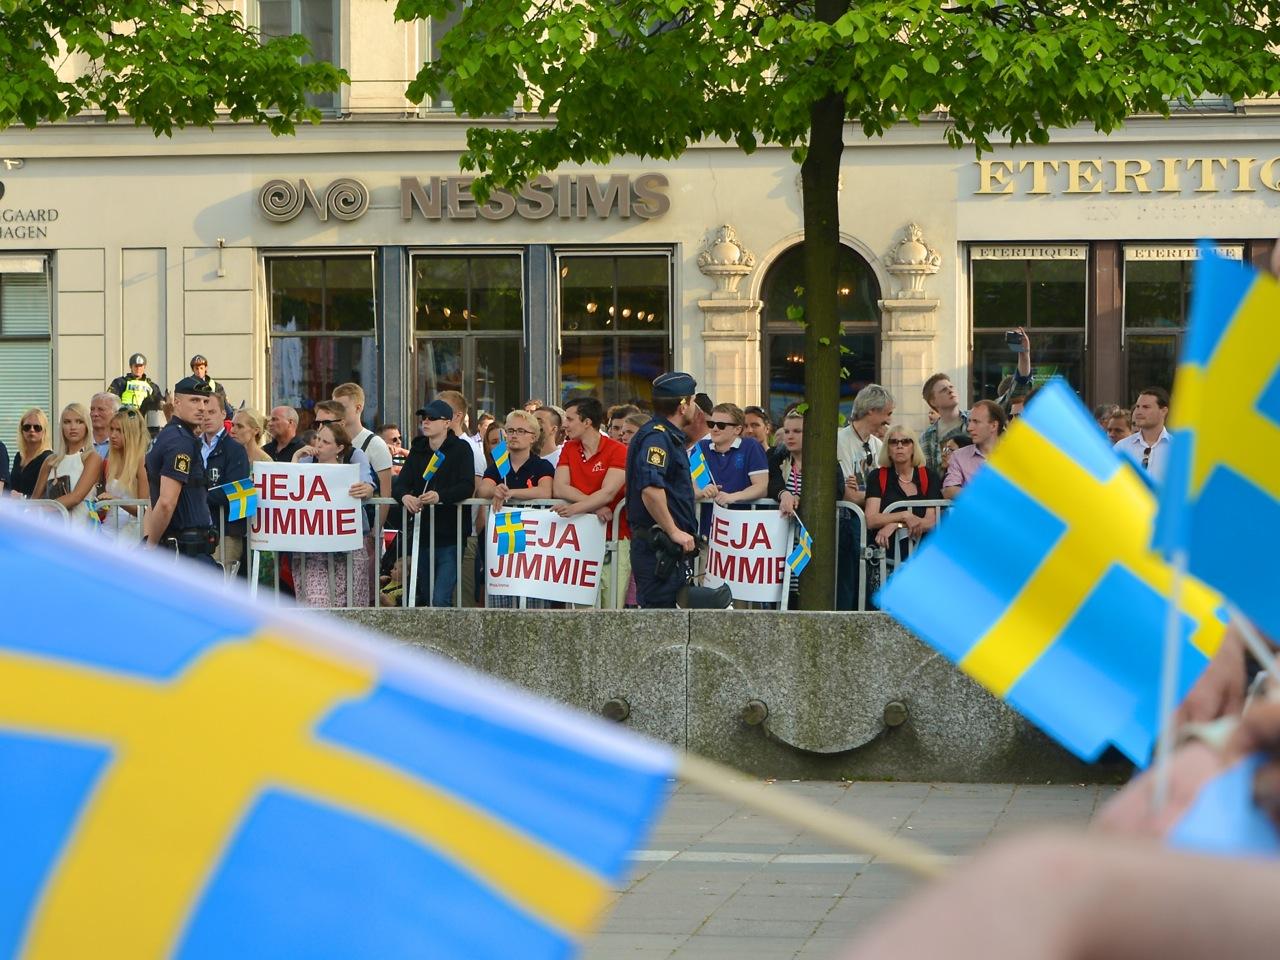 La campagna elettorale svedese è stata dominata dalle notizie false